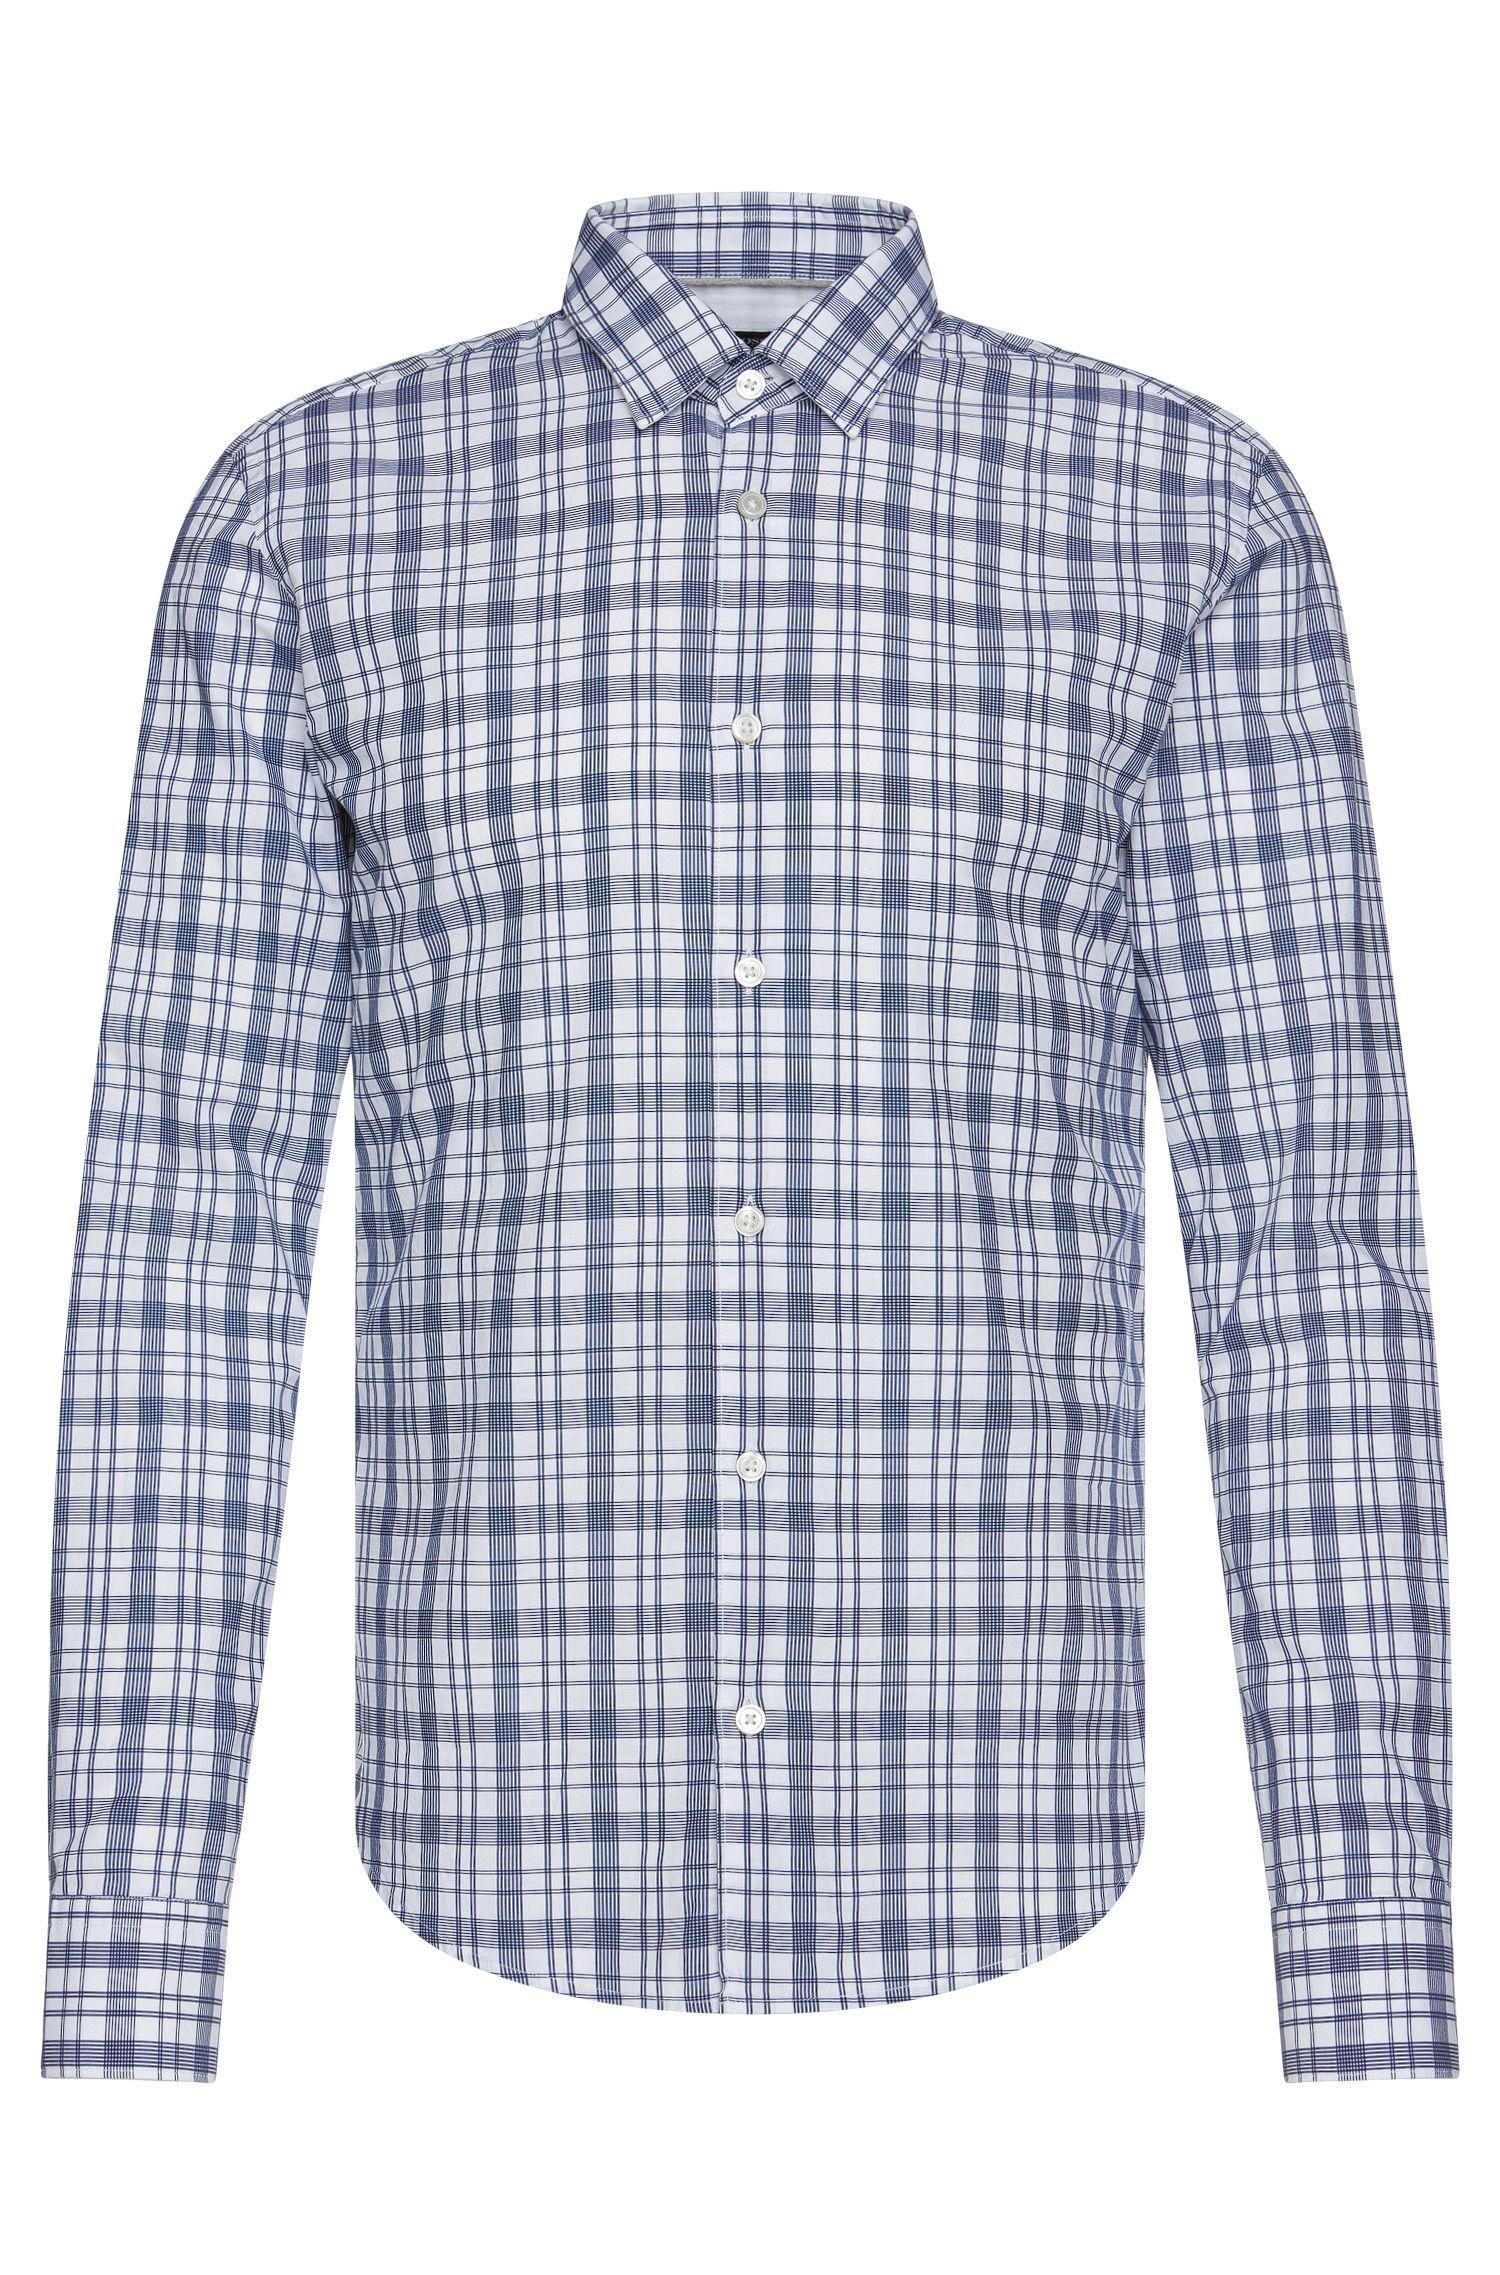 'Reid' | Slim Fit, Cotton Check Button Down Shirt